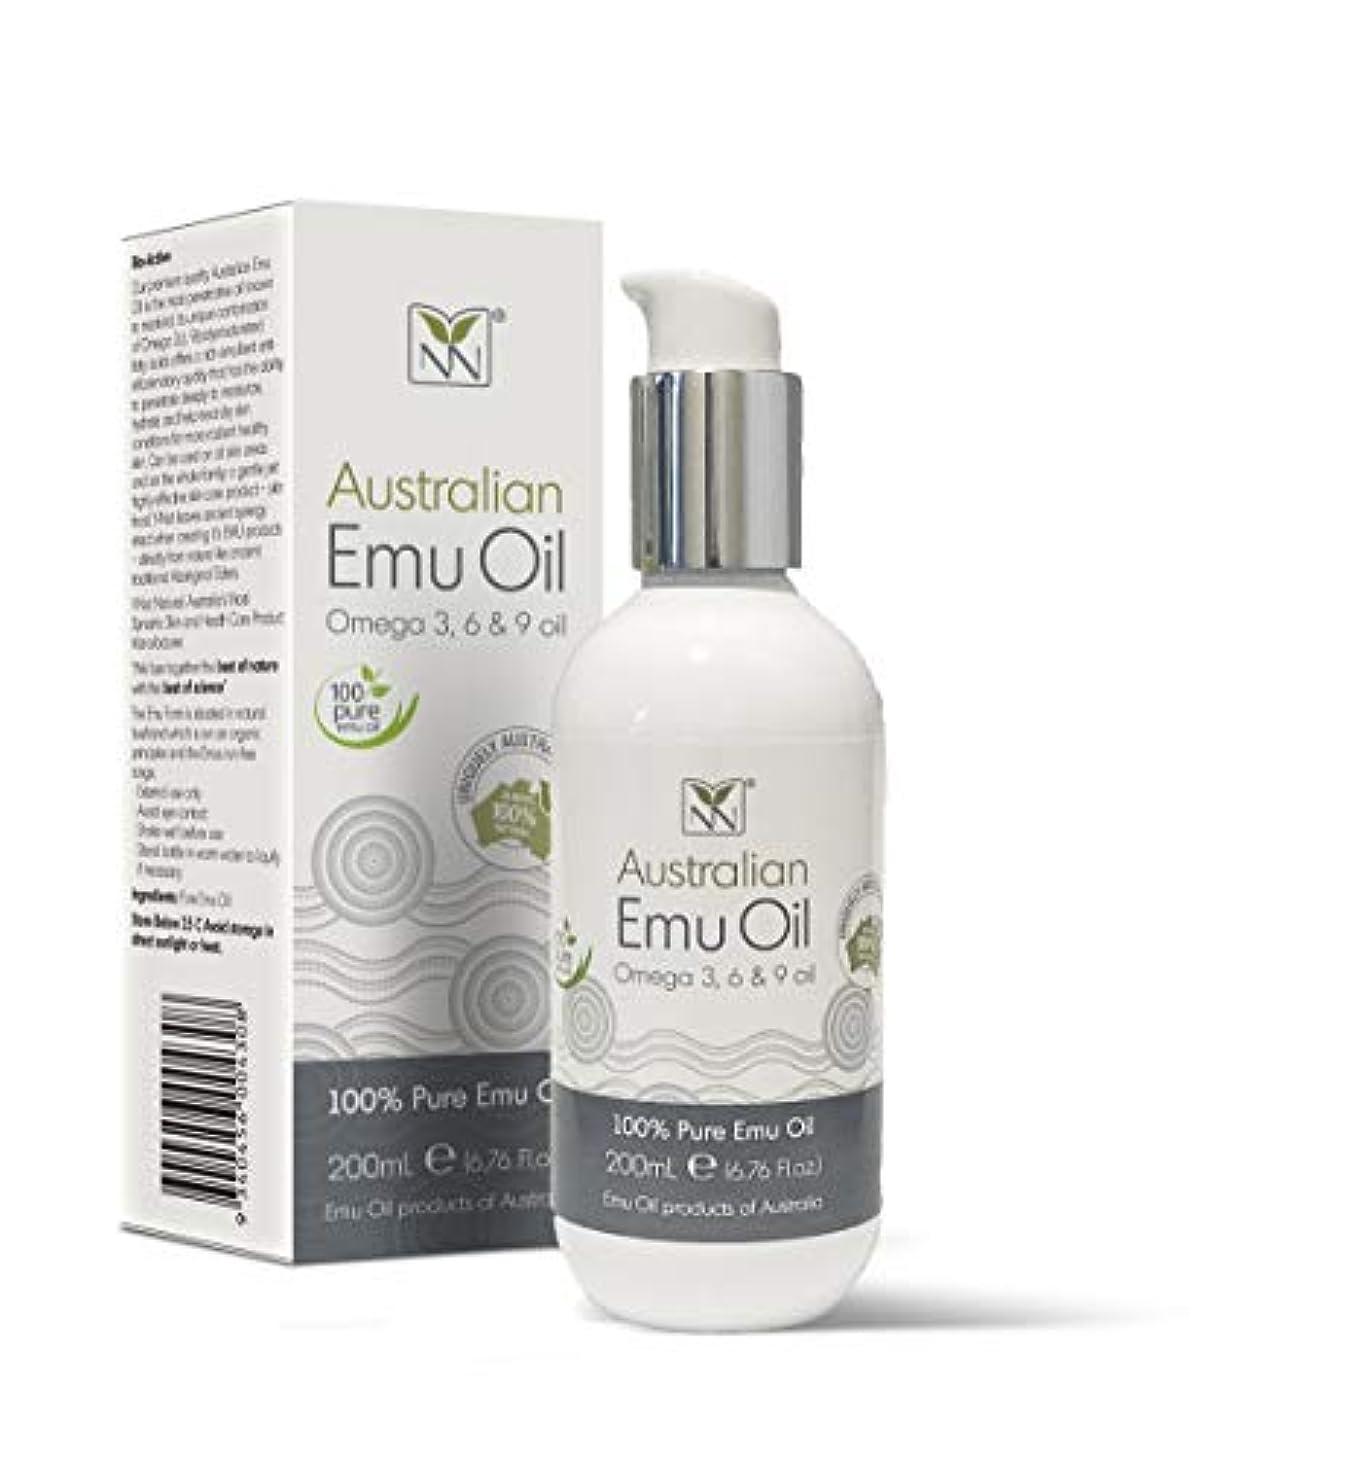 電圧パイント調べるY Not Natural エミューオイル EMU OIL 無添加100% 保湿性 浸透性 抜群 プレミアム品質 エミュー油 (200 ml)